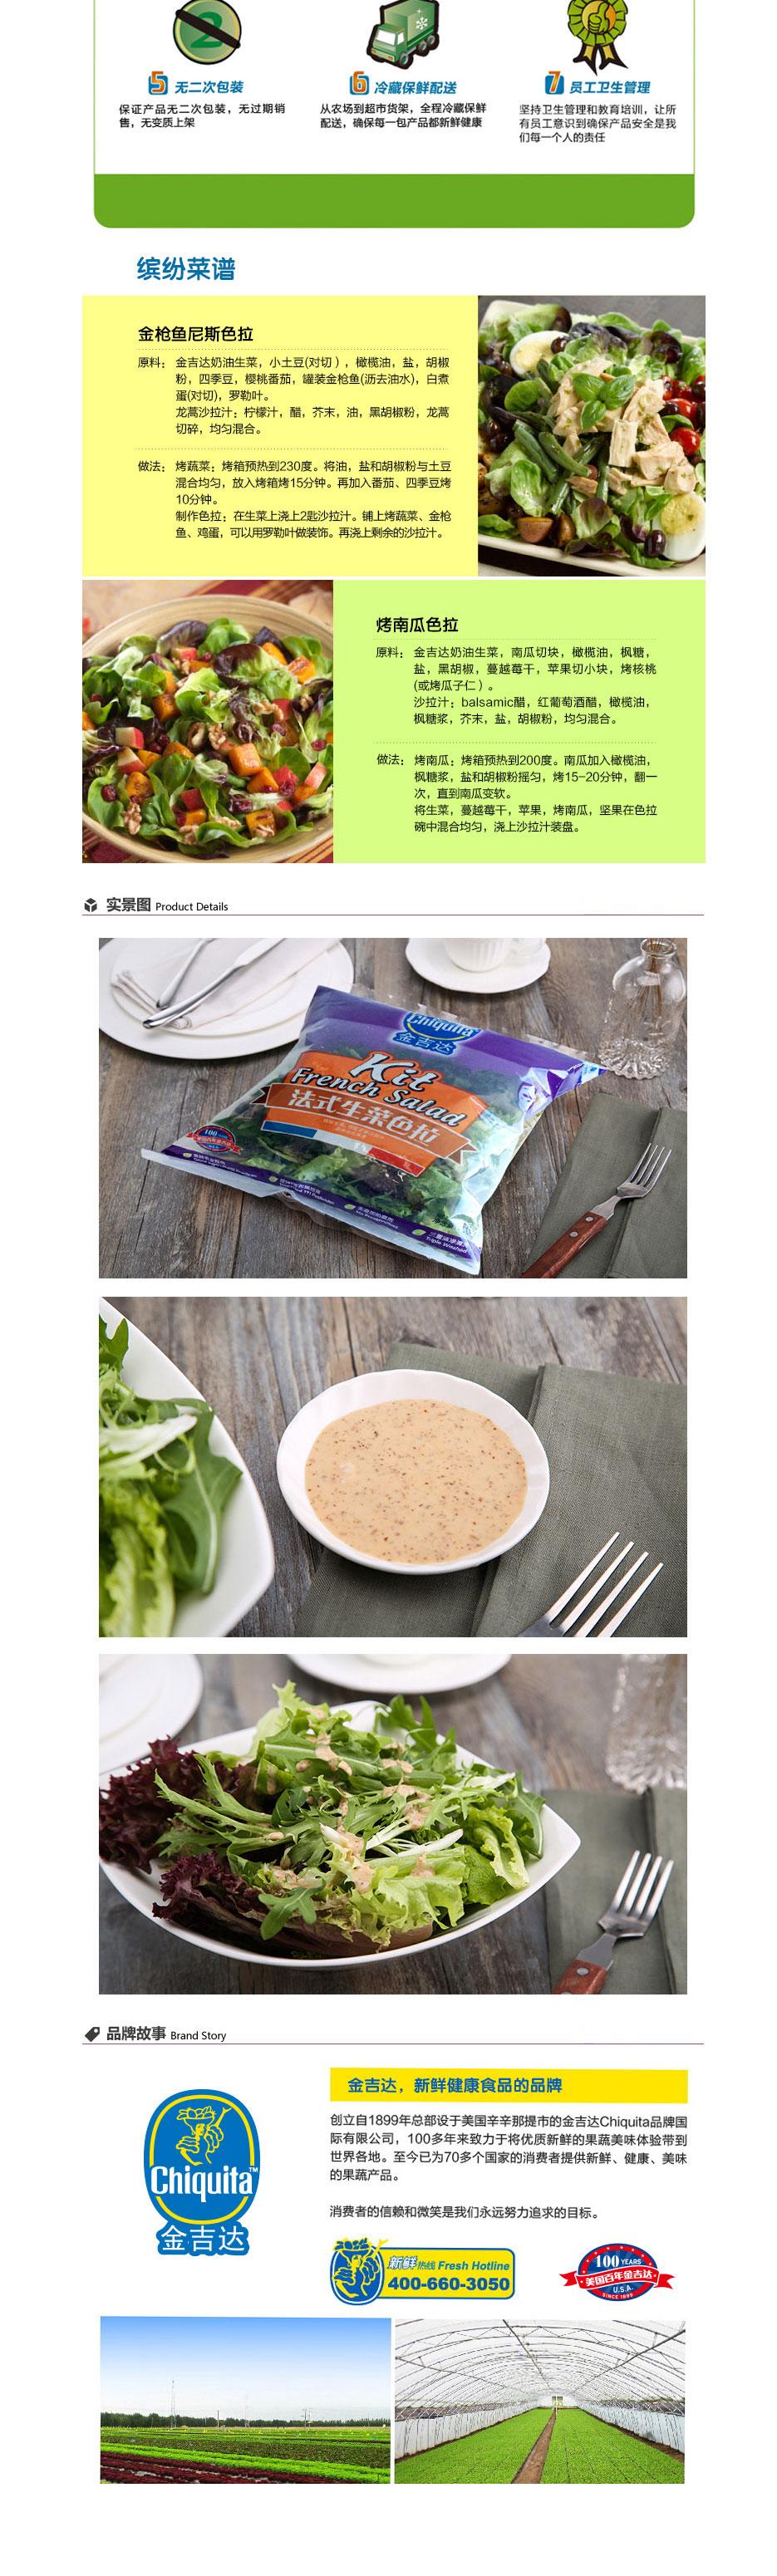 金吉达法式生菜色拉150g/袋(内含焙煎芝麻沙拉酱)评价